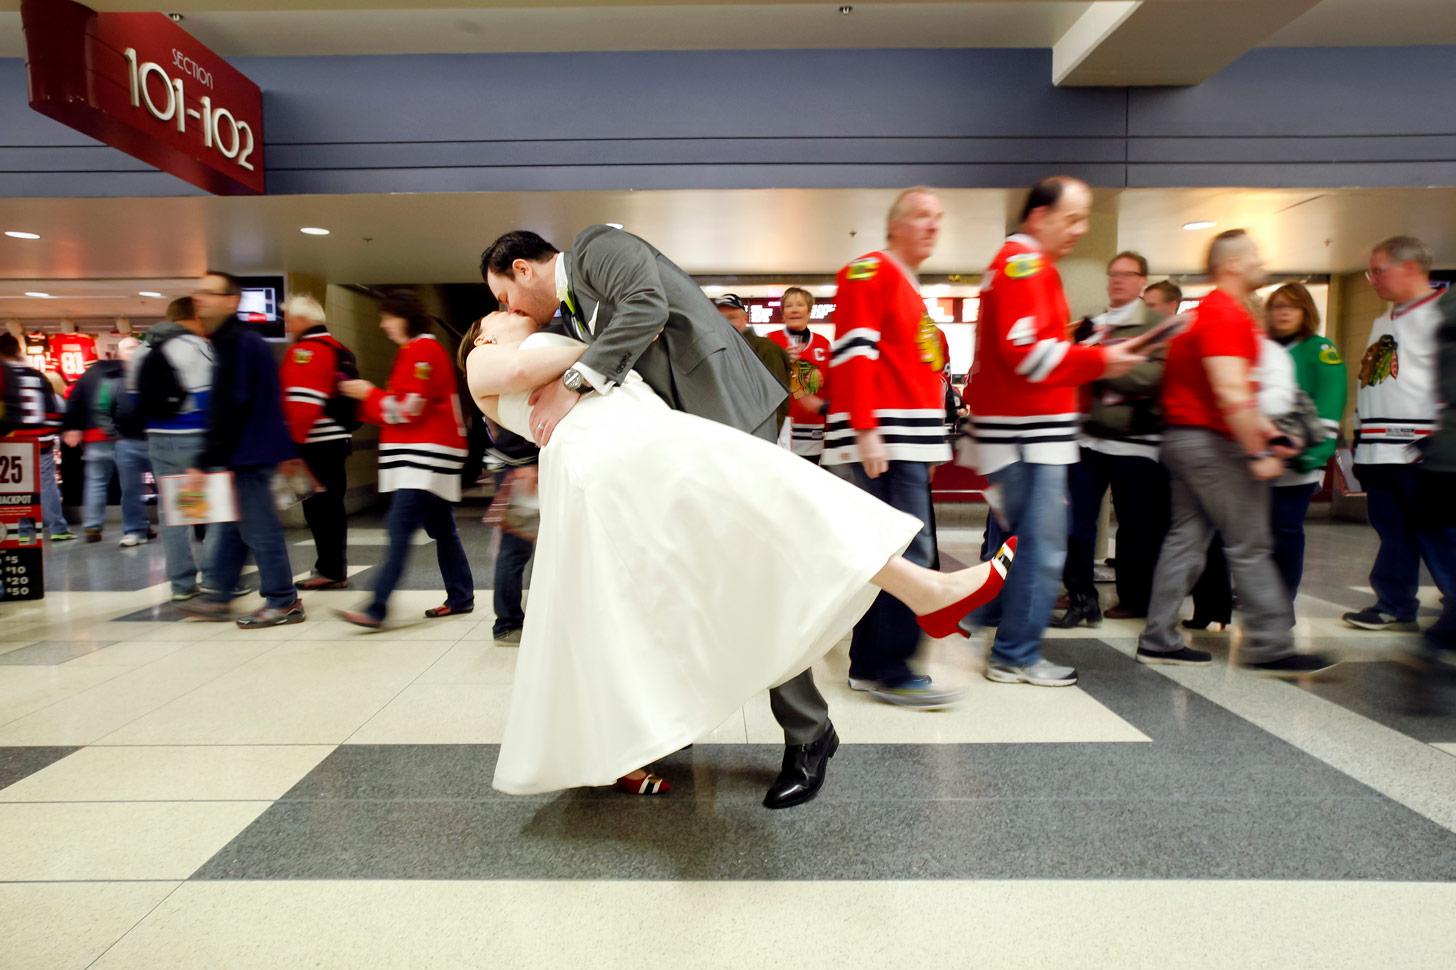 revolution-brewing-chicago-blackhawks-wedding-ruthie-hauge-photography-67.jpg